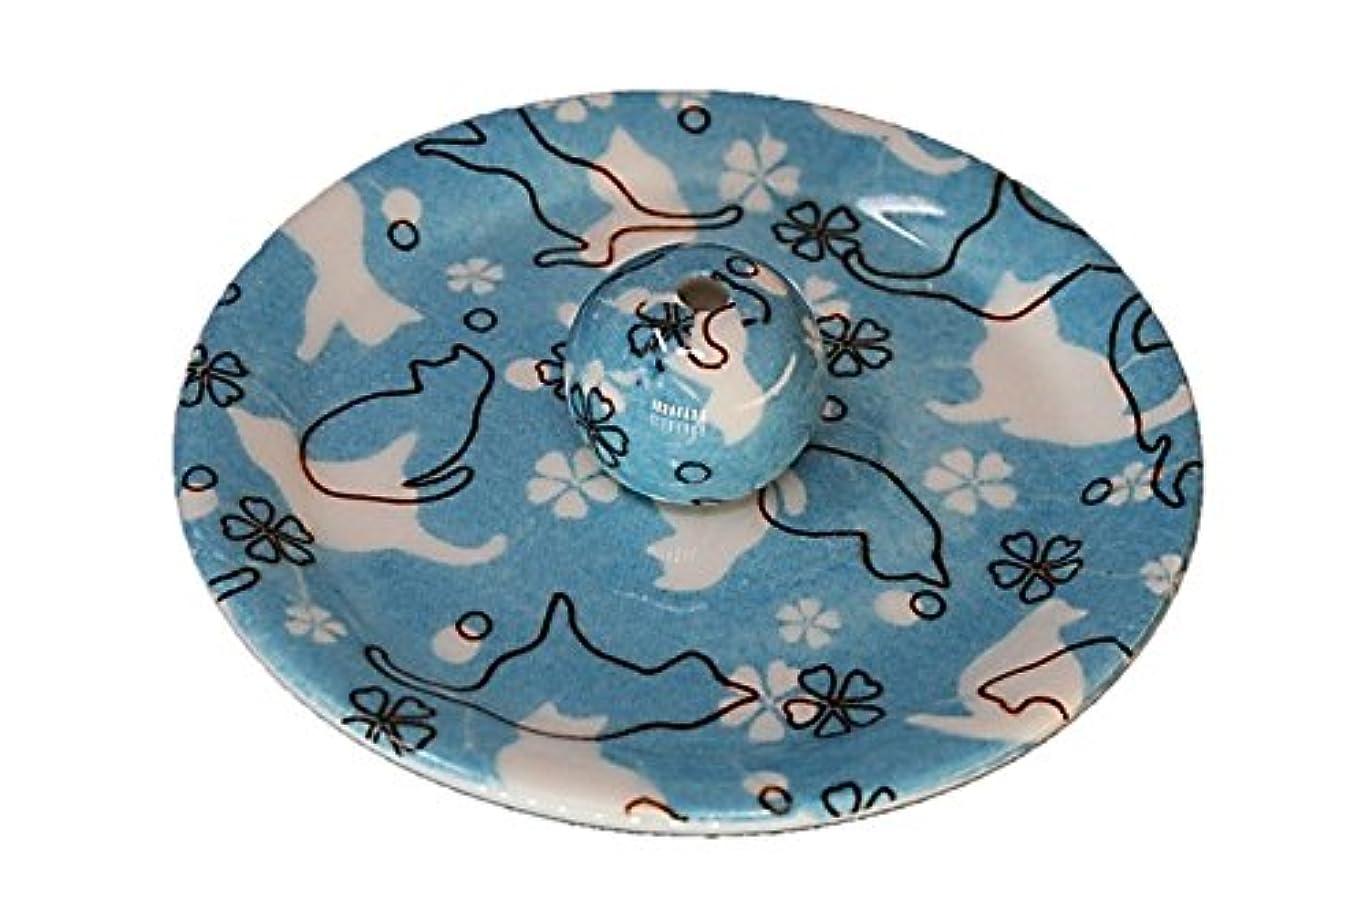 ほうき厄介な釈義9-45 ねこランド(ブルー) 9cm香皿 日本製 お香立て 陶器 猫柄